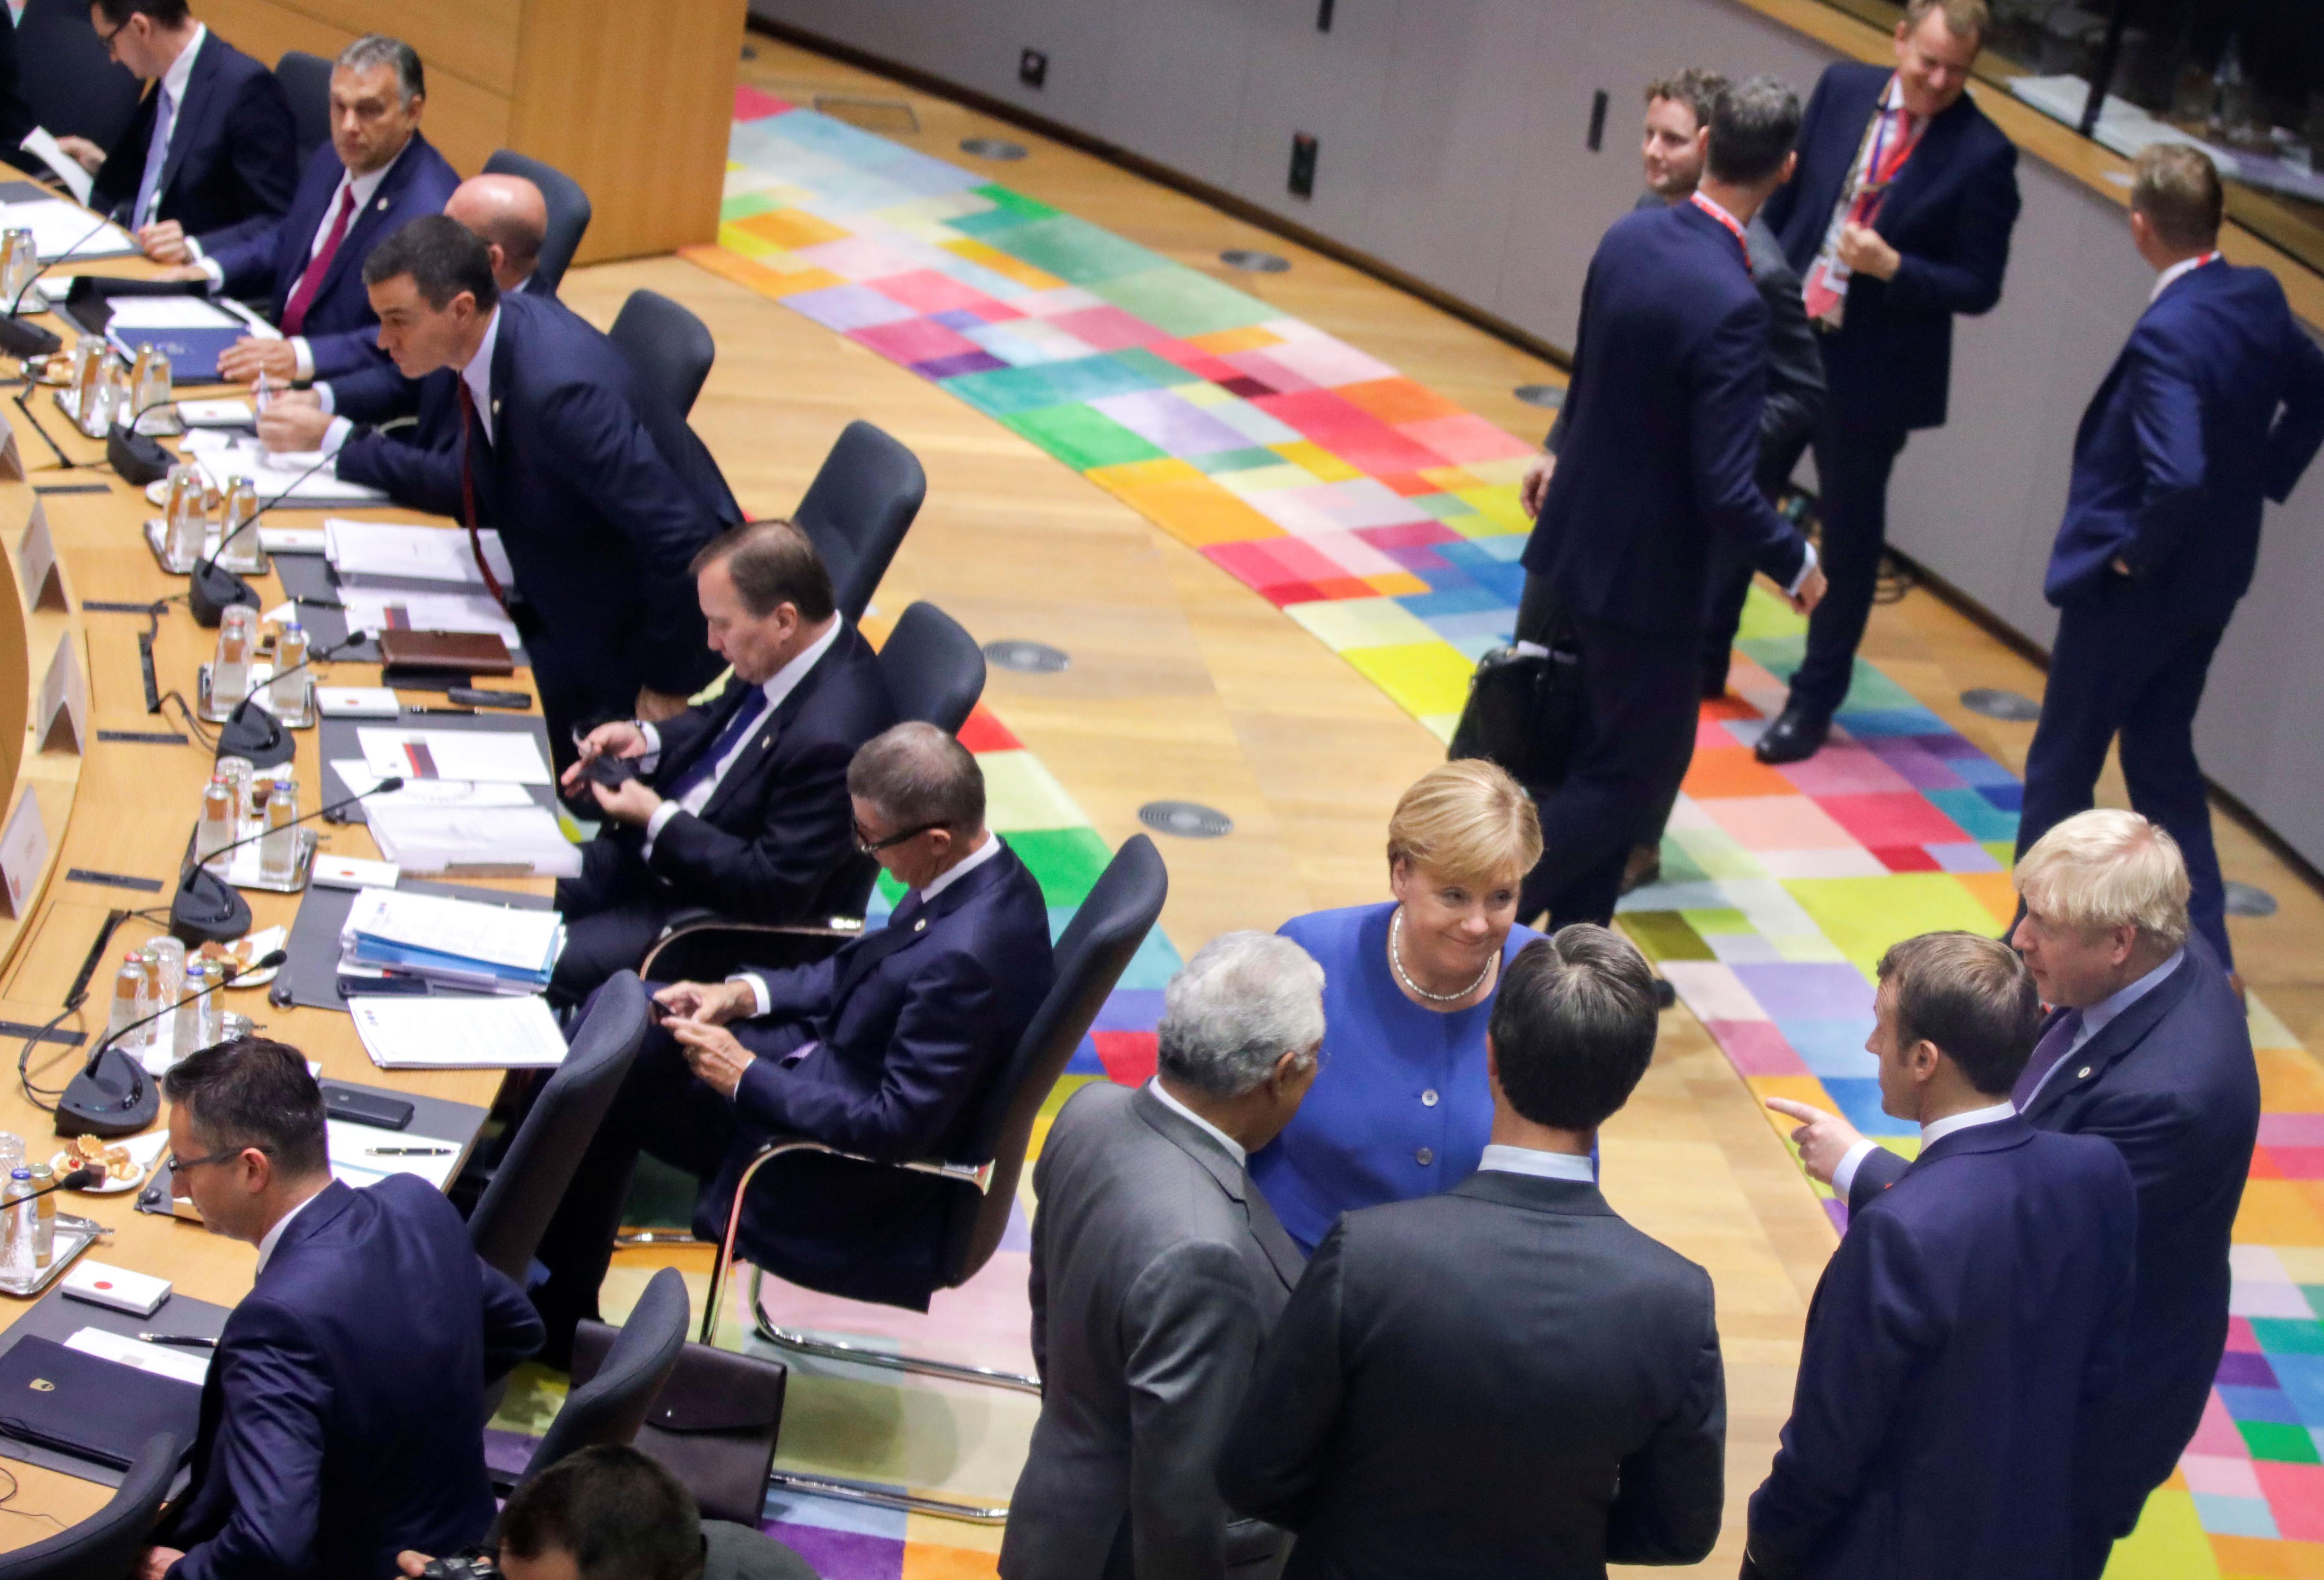 Ολοκληρώθηκε η Σύνοδος Κορυφής της ΕΕ – Για Brexit χωρίς συμφωνία προετοιμάζεται το Λονδίνο